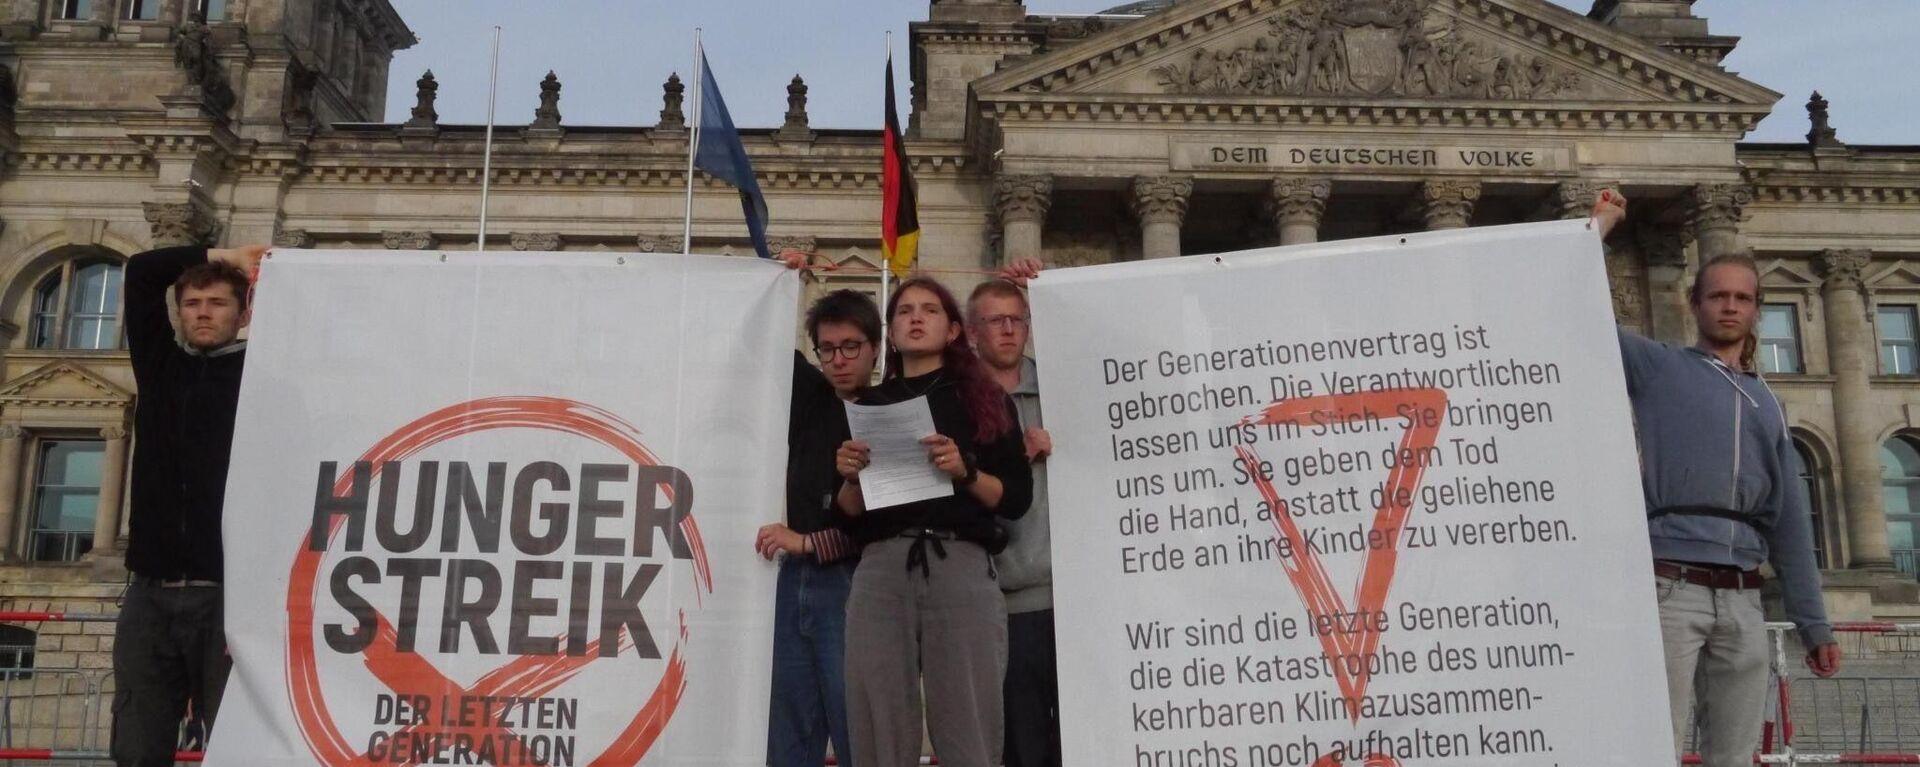 Hungerstreik der letzten Generation - SNA, 1920, 08.09.2021